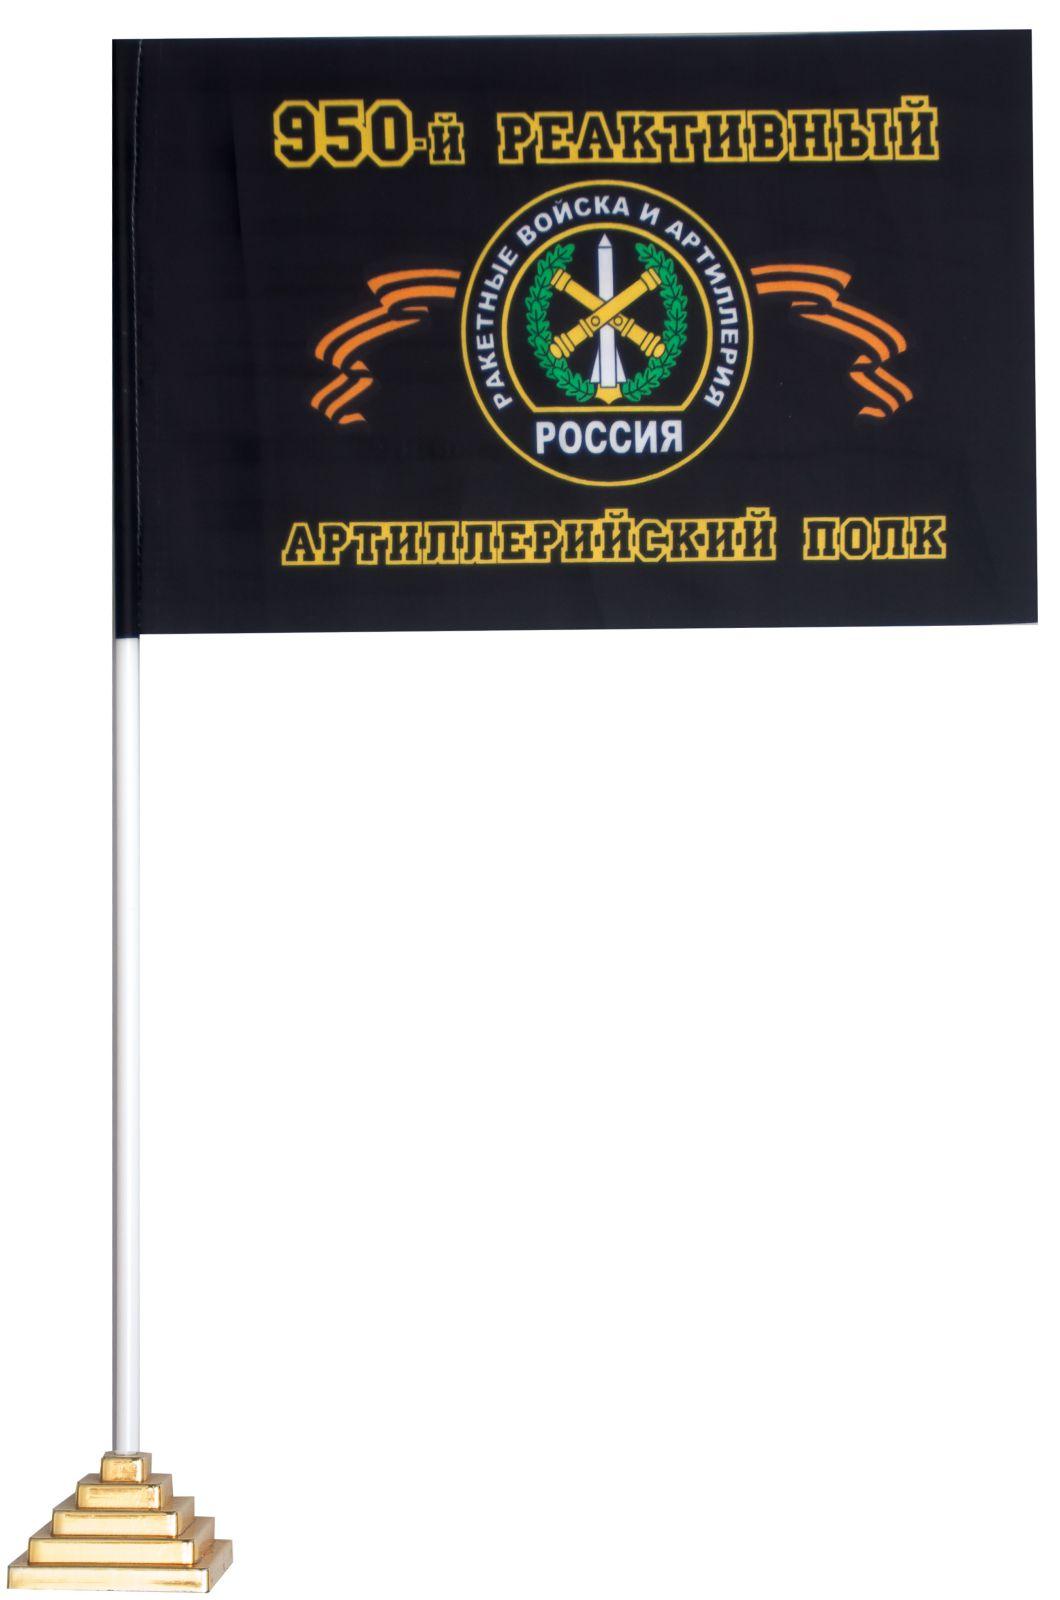 Настольный флаг 950-го полка РВиА